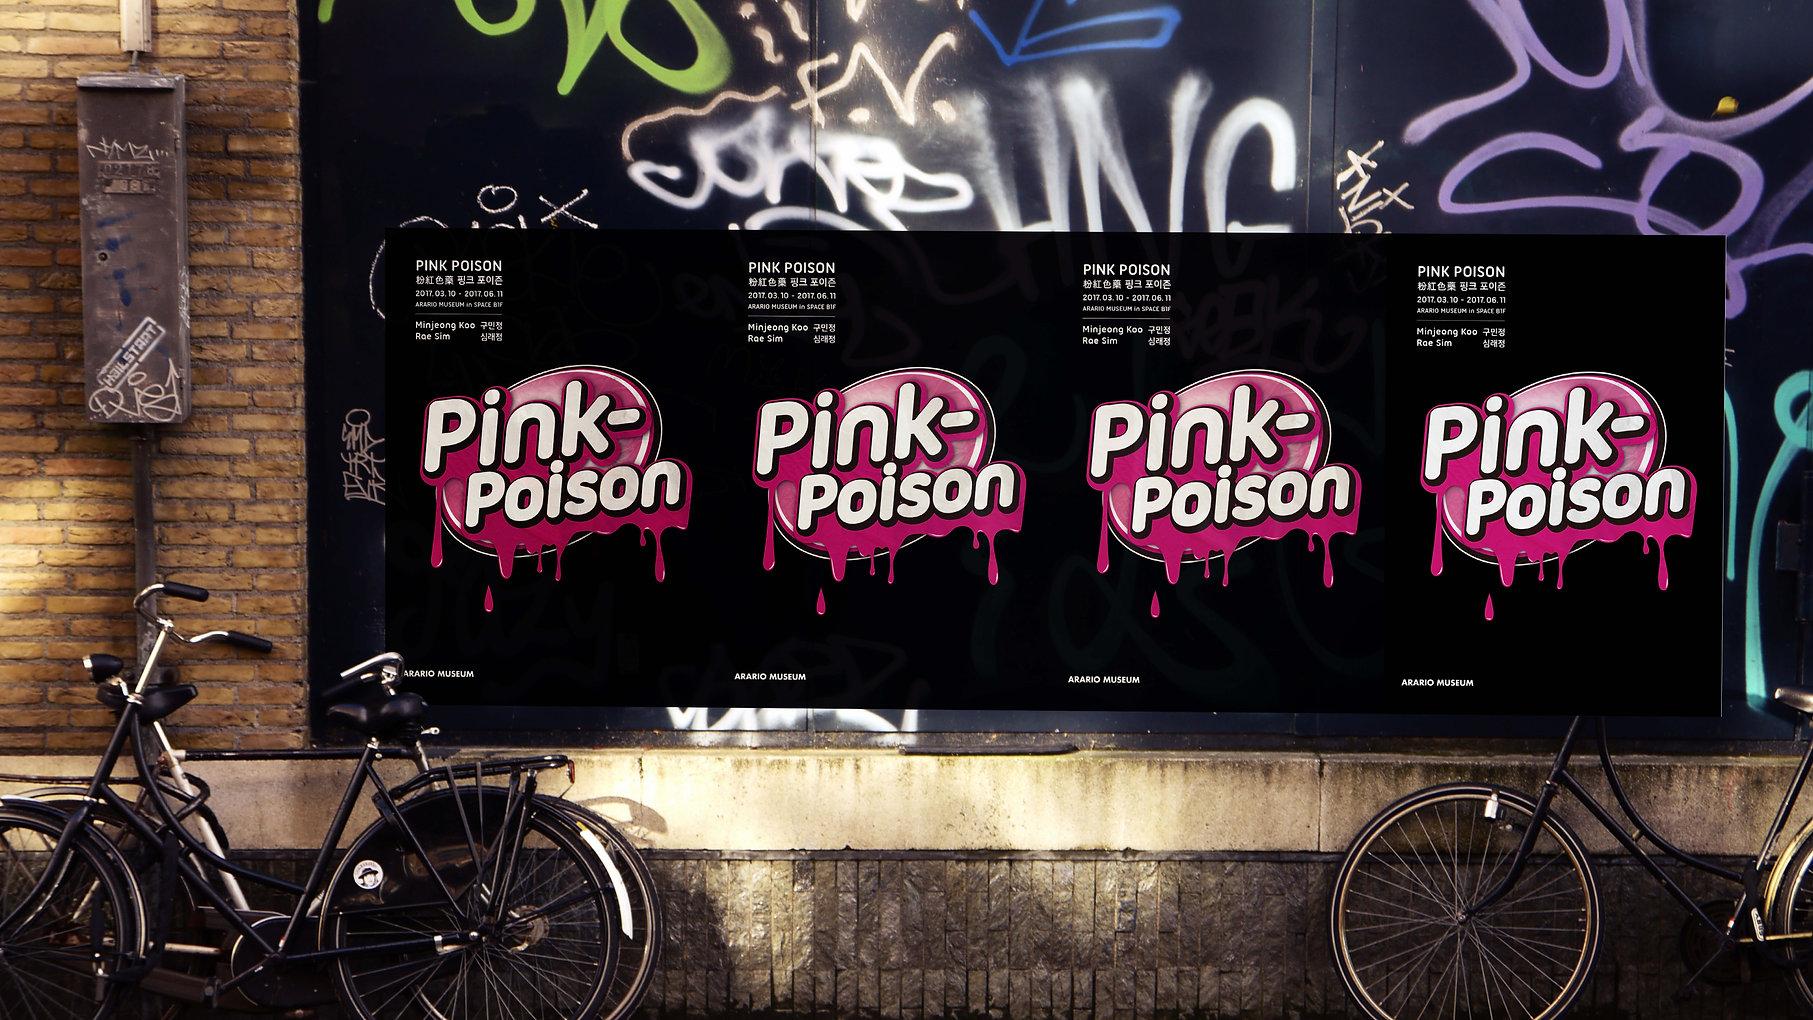 pinkposison27.jpg